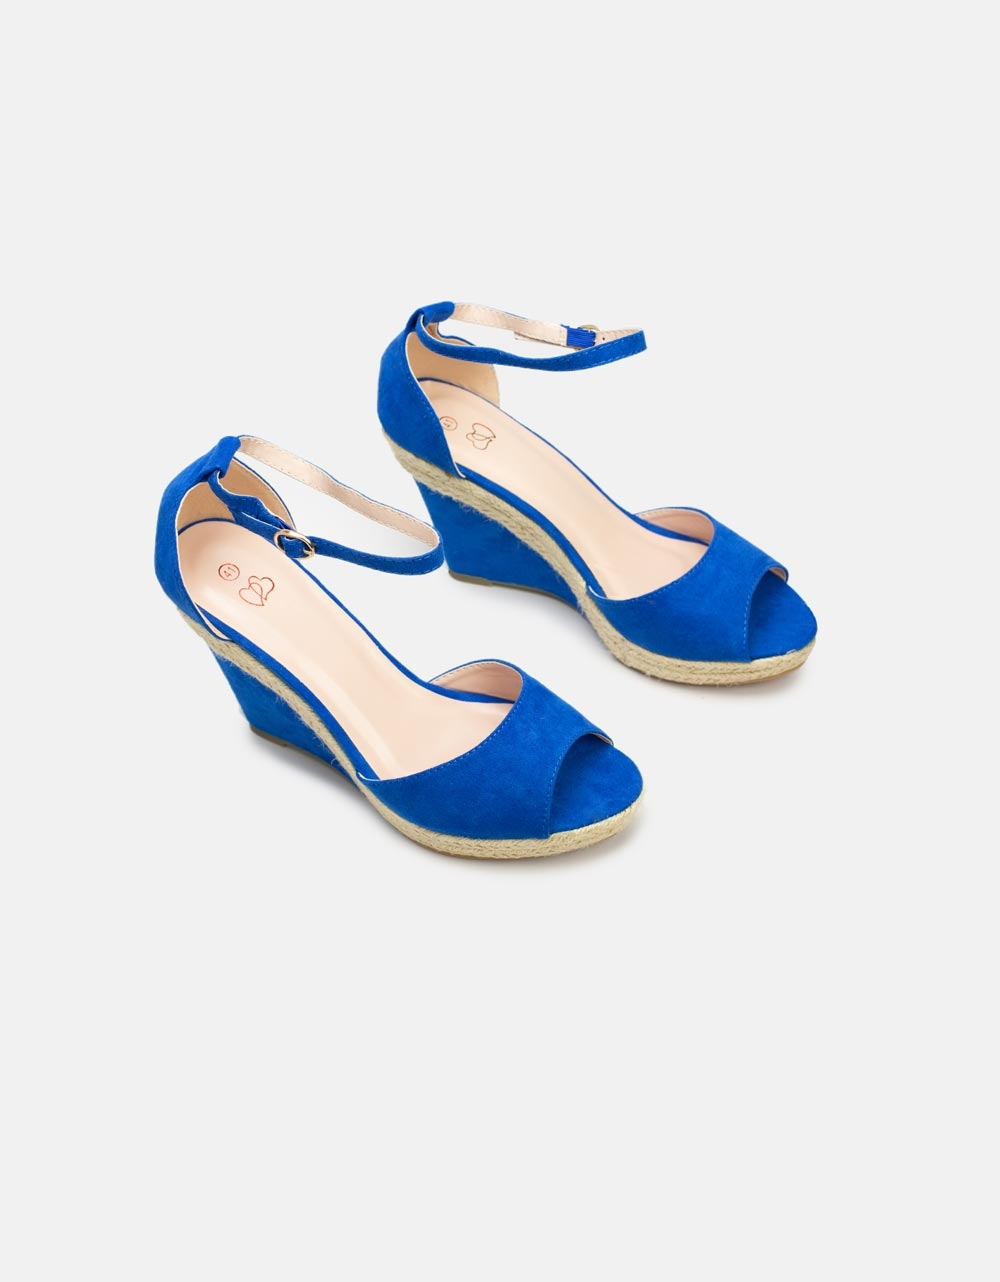 Εικόνα από Γυναικείες πλατφόρμες με εσπαντρίγια Μπλε